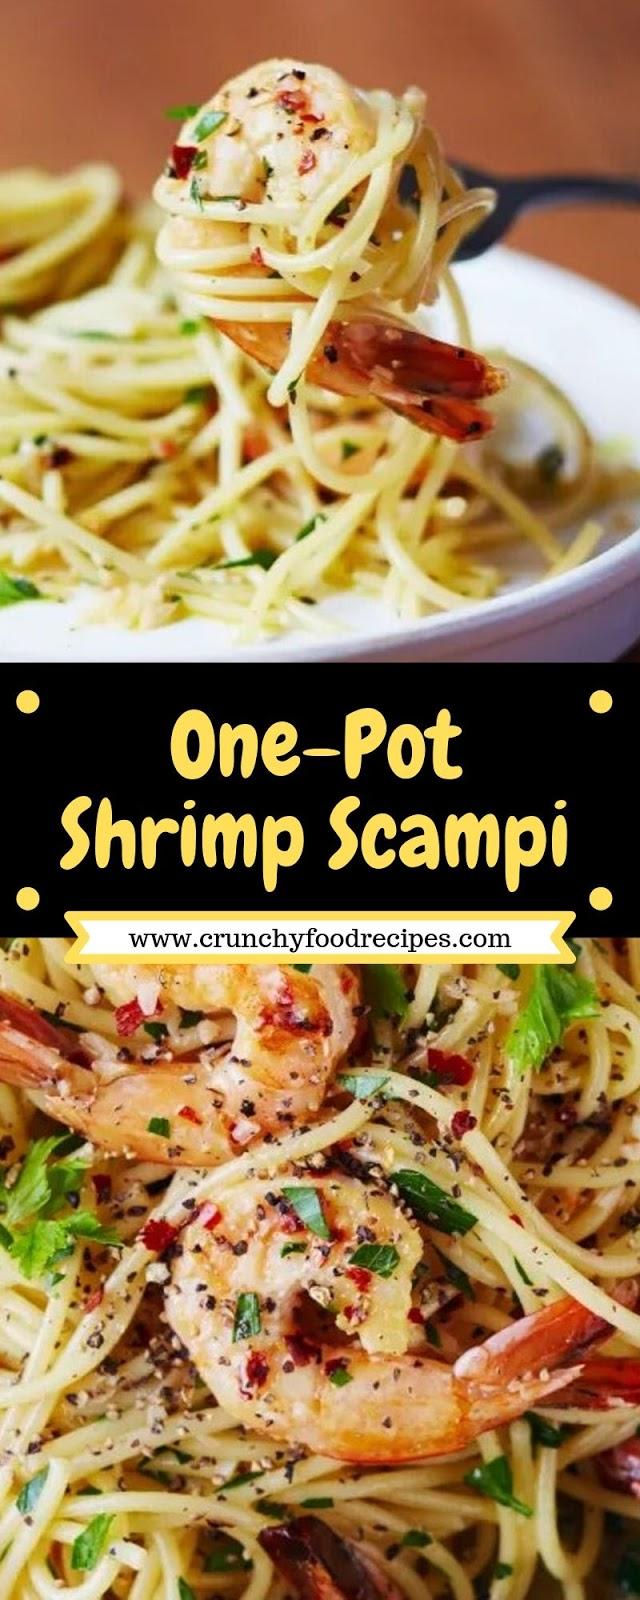 One-Pot Shrimp Scampi